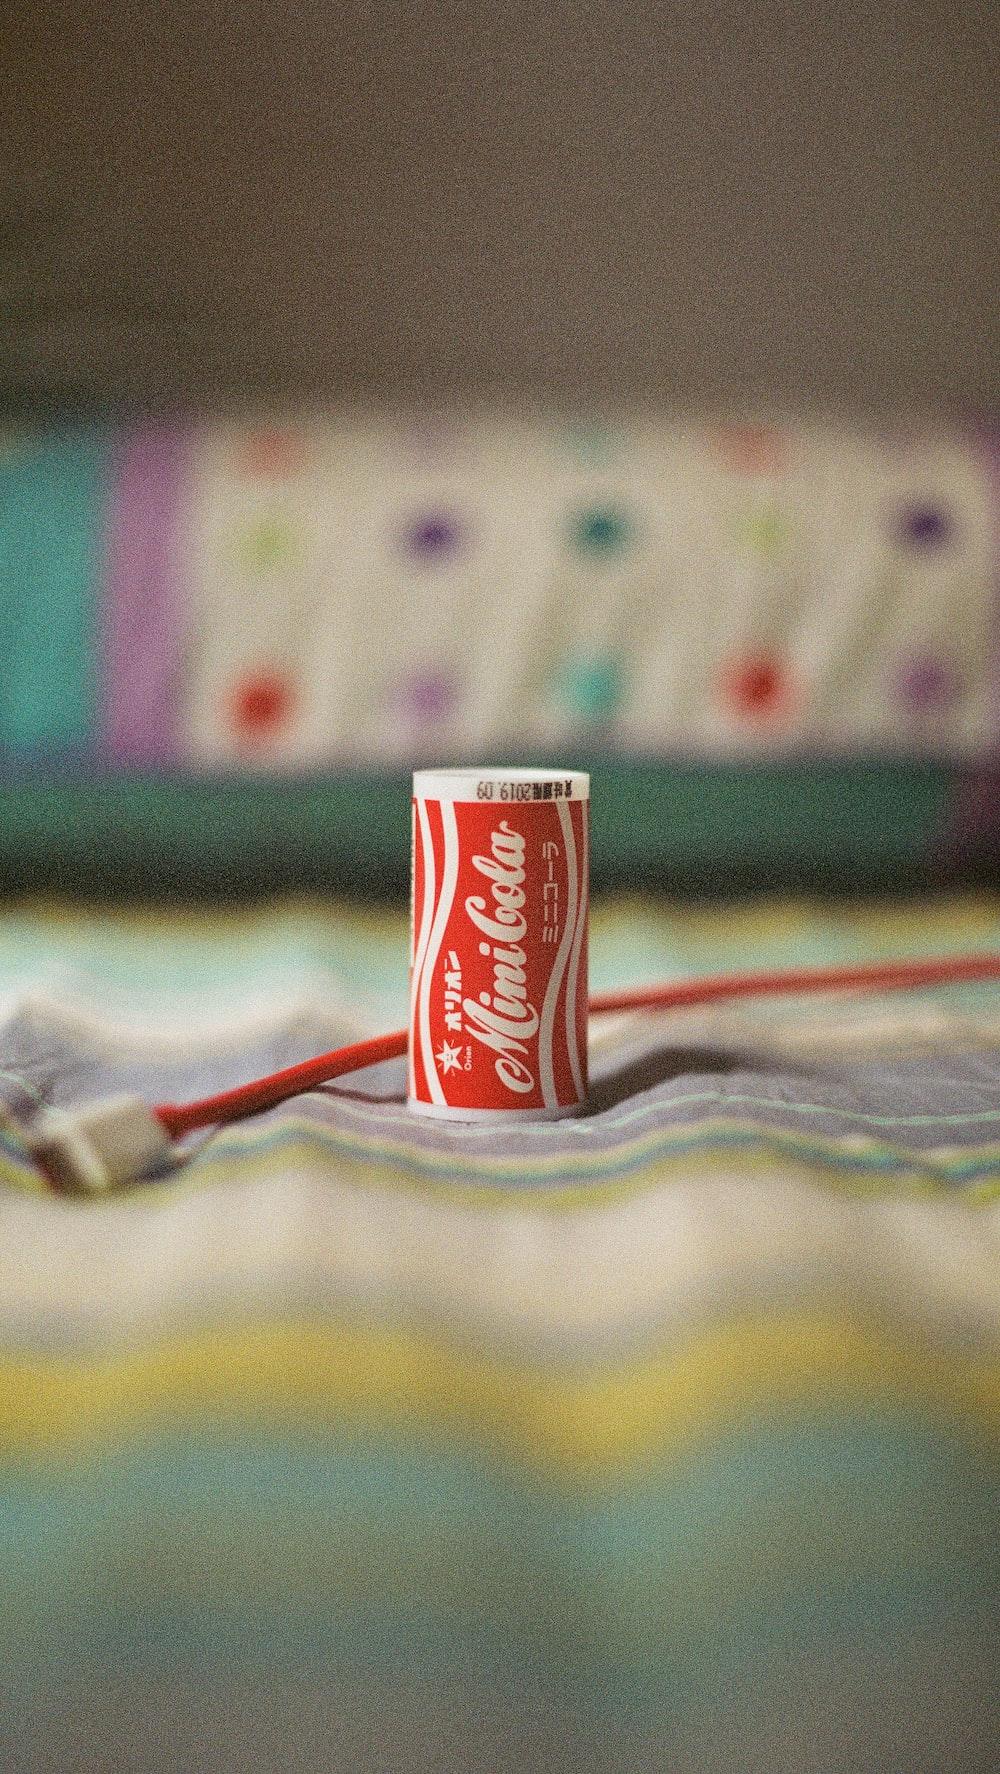 Mini Cola soda can on multicolored textile